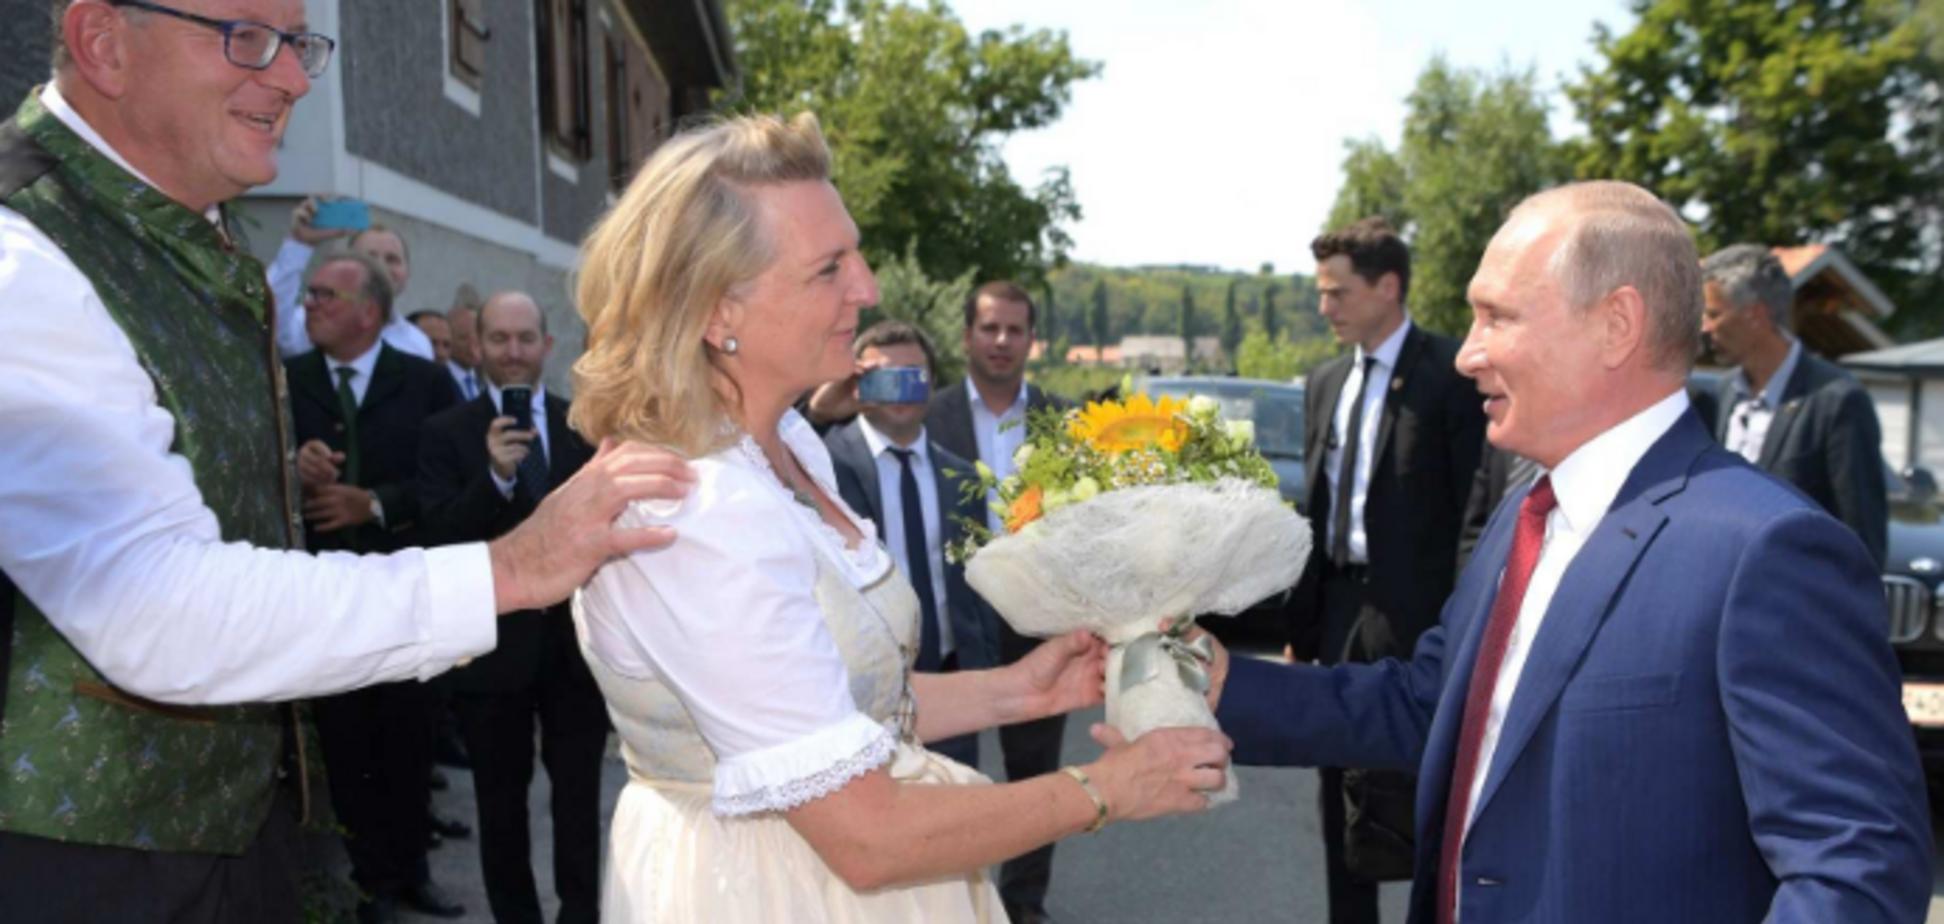 'Вызов здравому смыслу': украинский политик ушел в отставку из-за поездки Путина на свадьбу